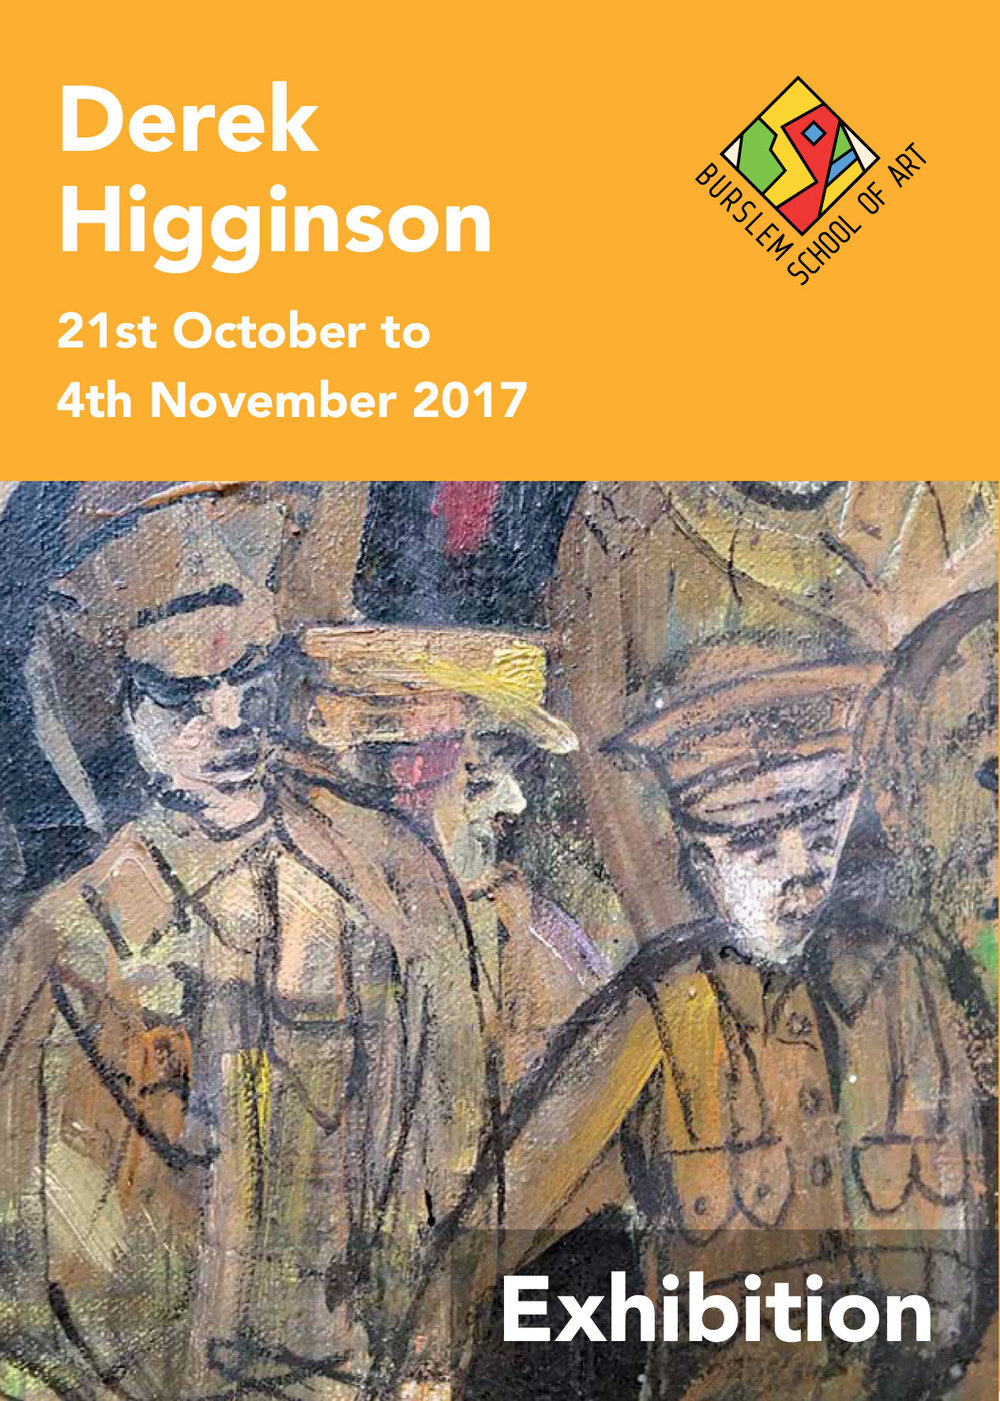 Derek Higginson Catalogue